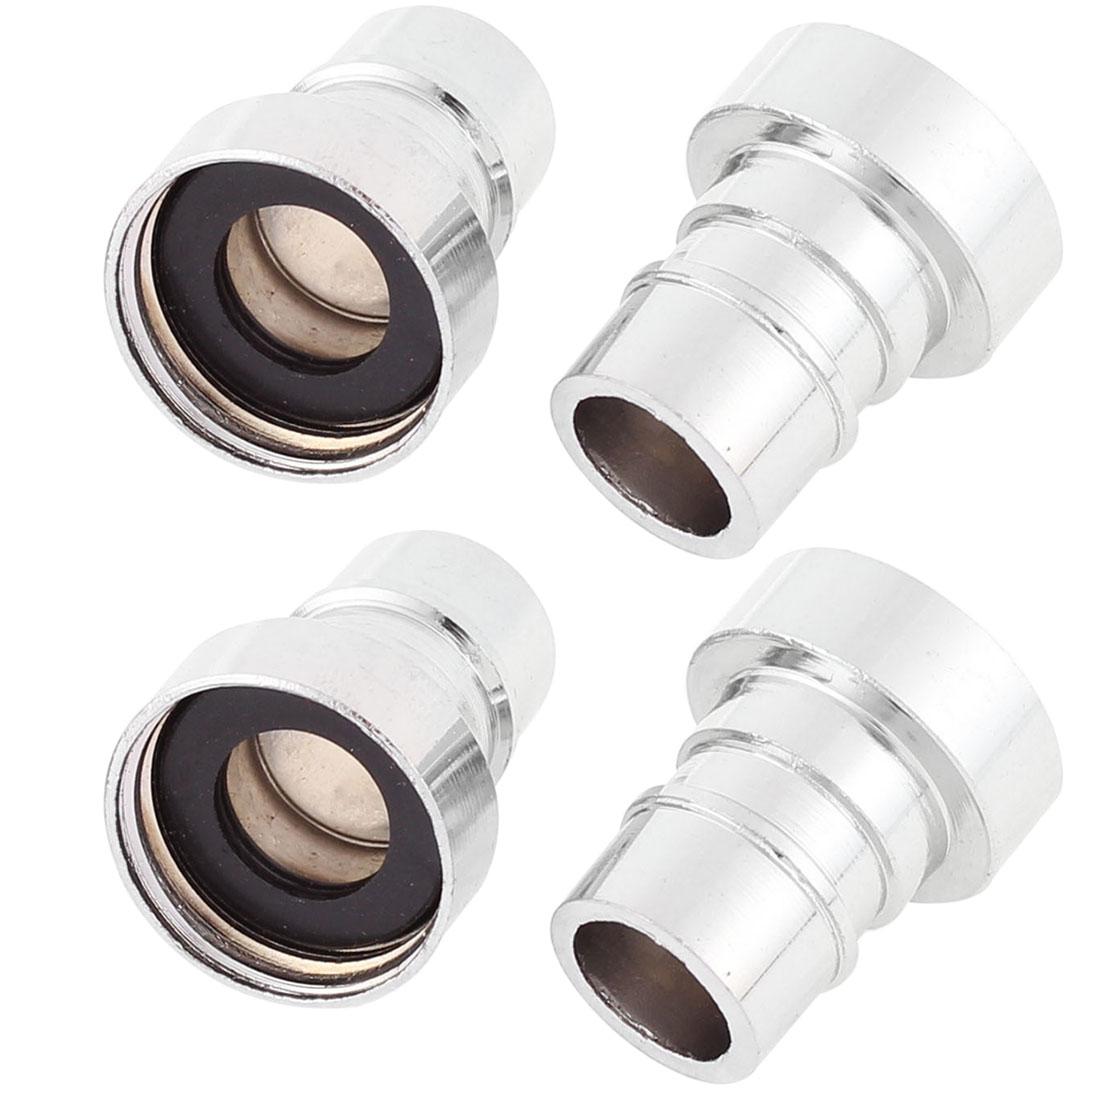 19mm 1/2BSP Female Thread Water Tap Faucet Outlet Nozzle 4pcs